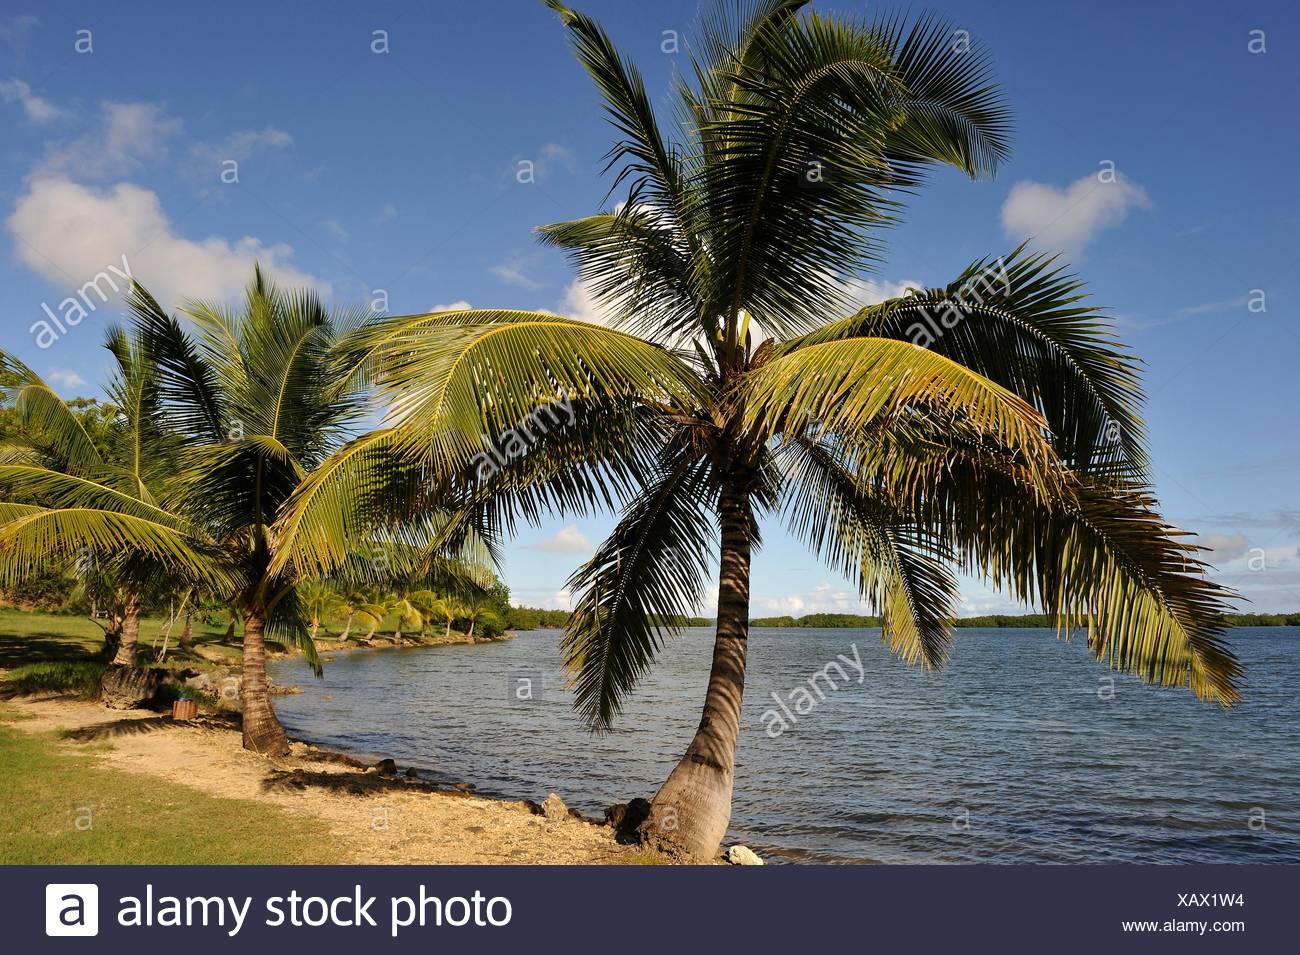 La plage de Babin, Morne-a-l'eau, Grande-Terre, Guadeloupe, région d'outre-mer de la France, Vent Îles, Petites Antilles, Caraïbes. Banque D'Images